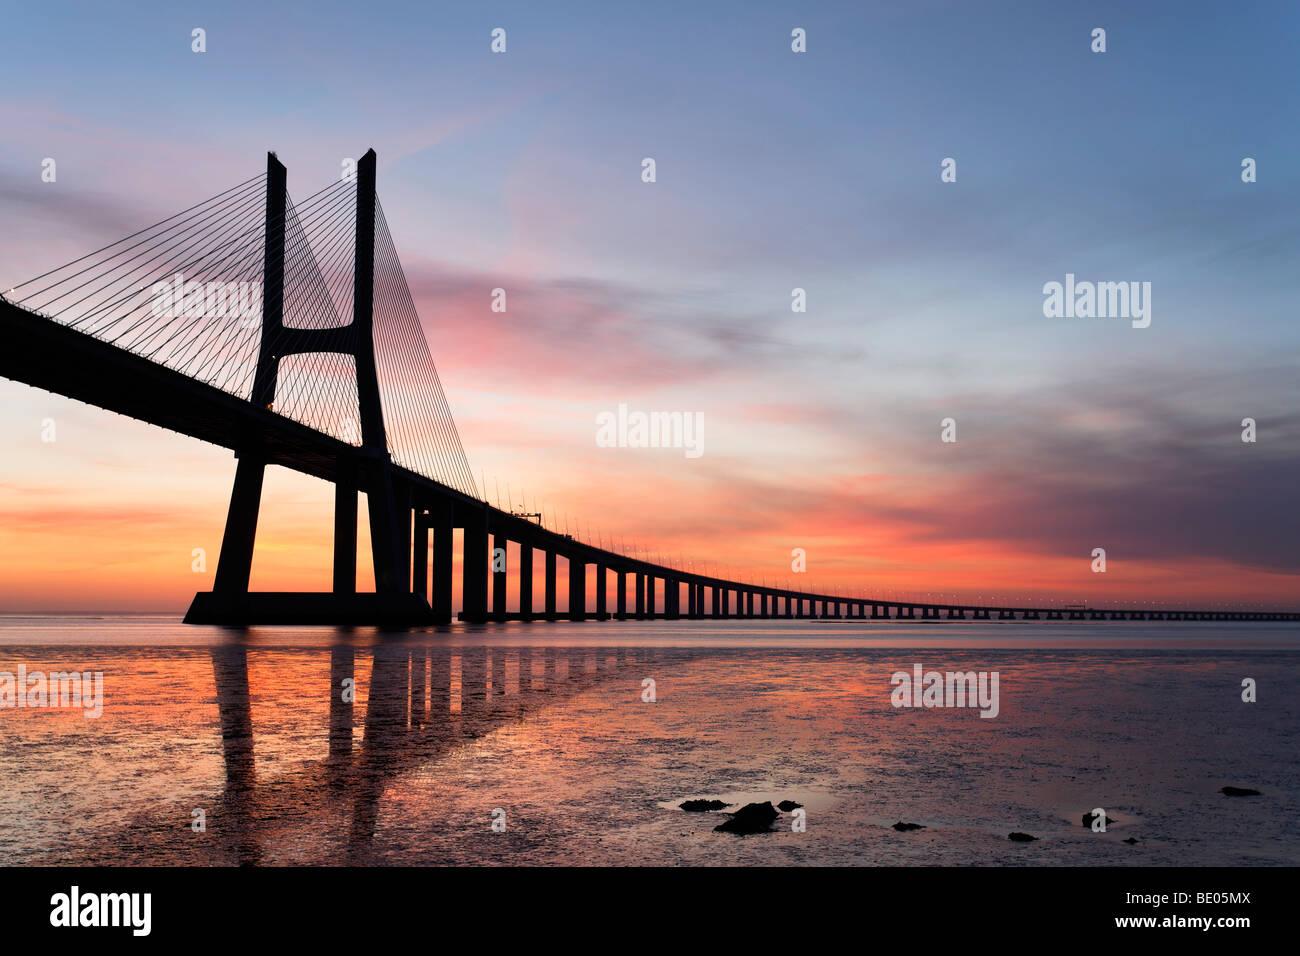 Vasco da Gama bridge at sunrise - Stock Image